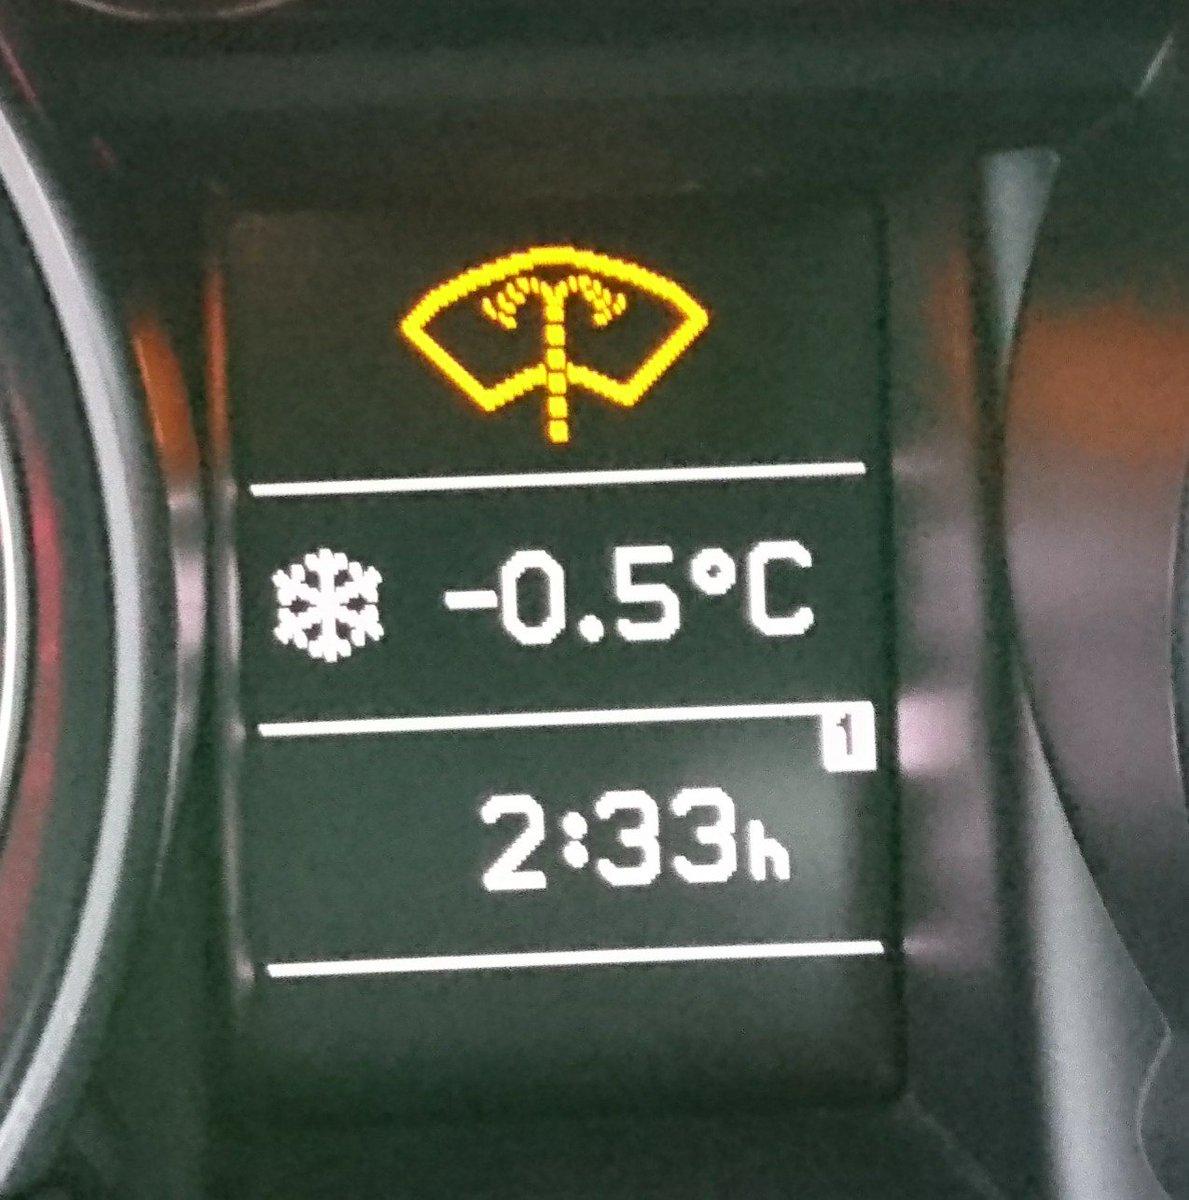 test Twitter Media - Neuer Rekord! Für 85km bei ein paar Schneeflocken heute Morgen von Düsseldorf nach Gummersbach :-( https://t.co/nTDDxffgCs